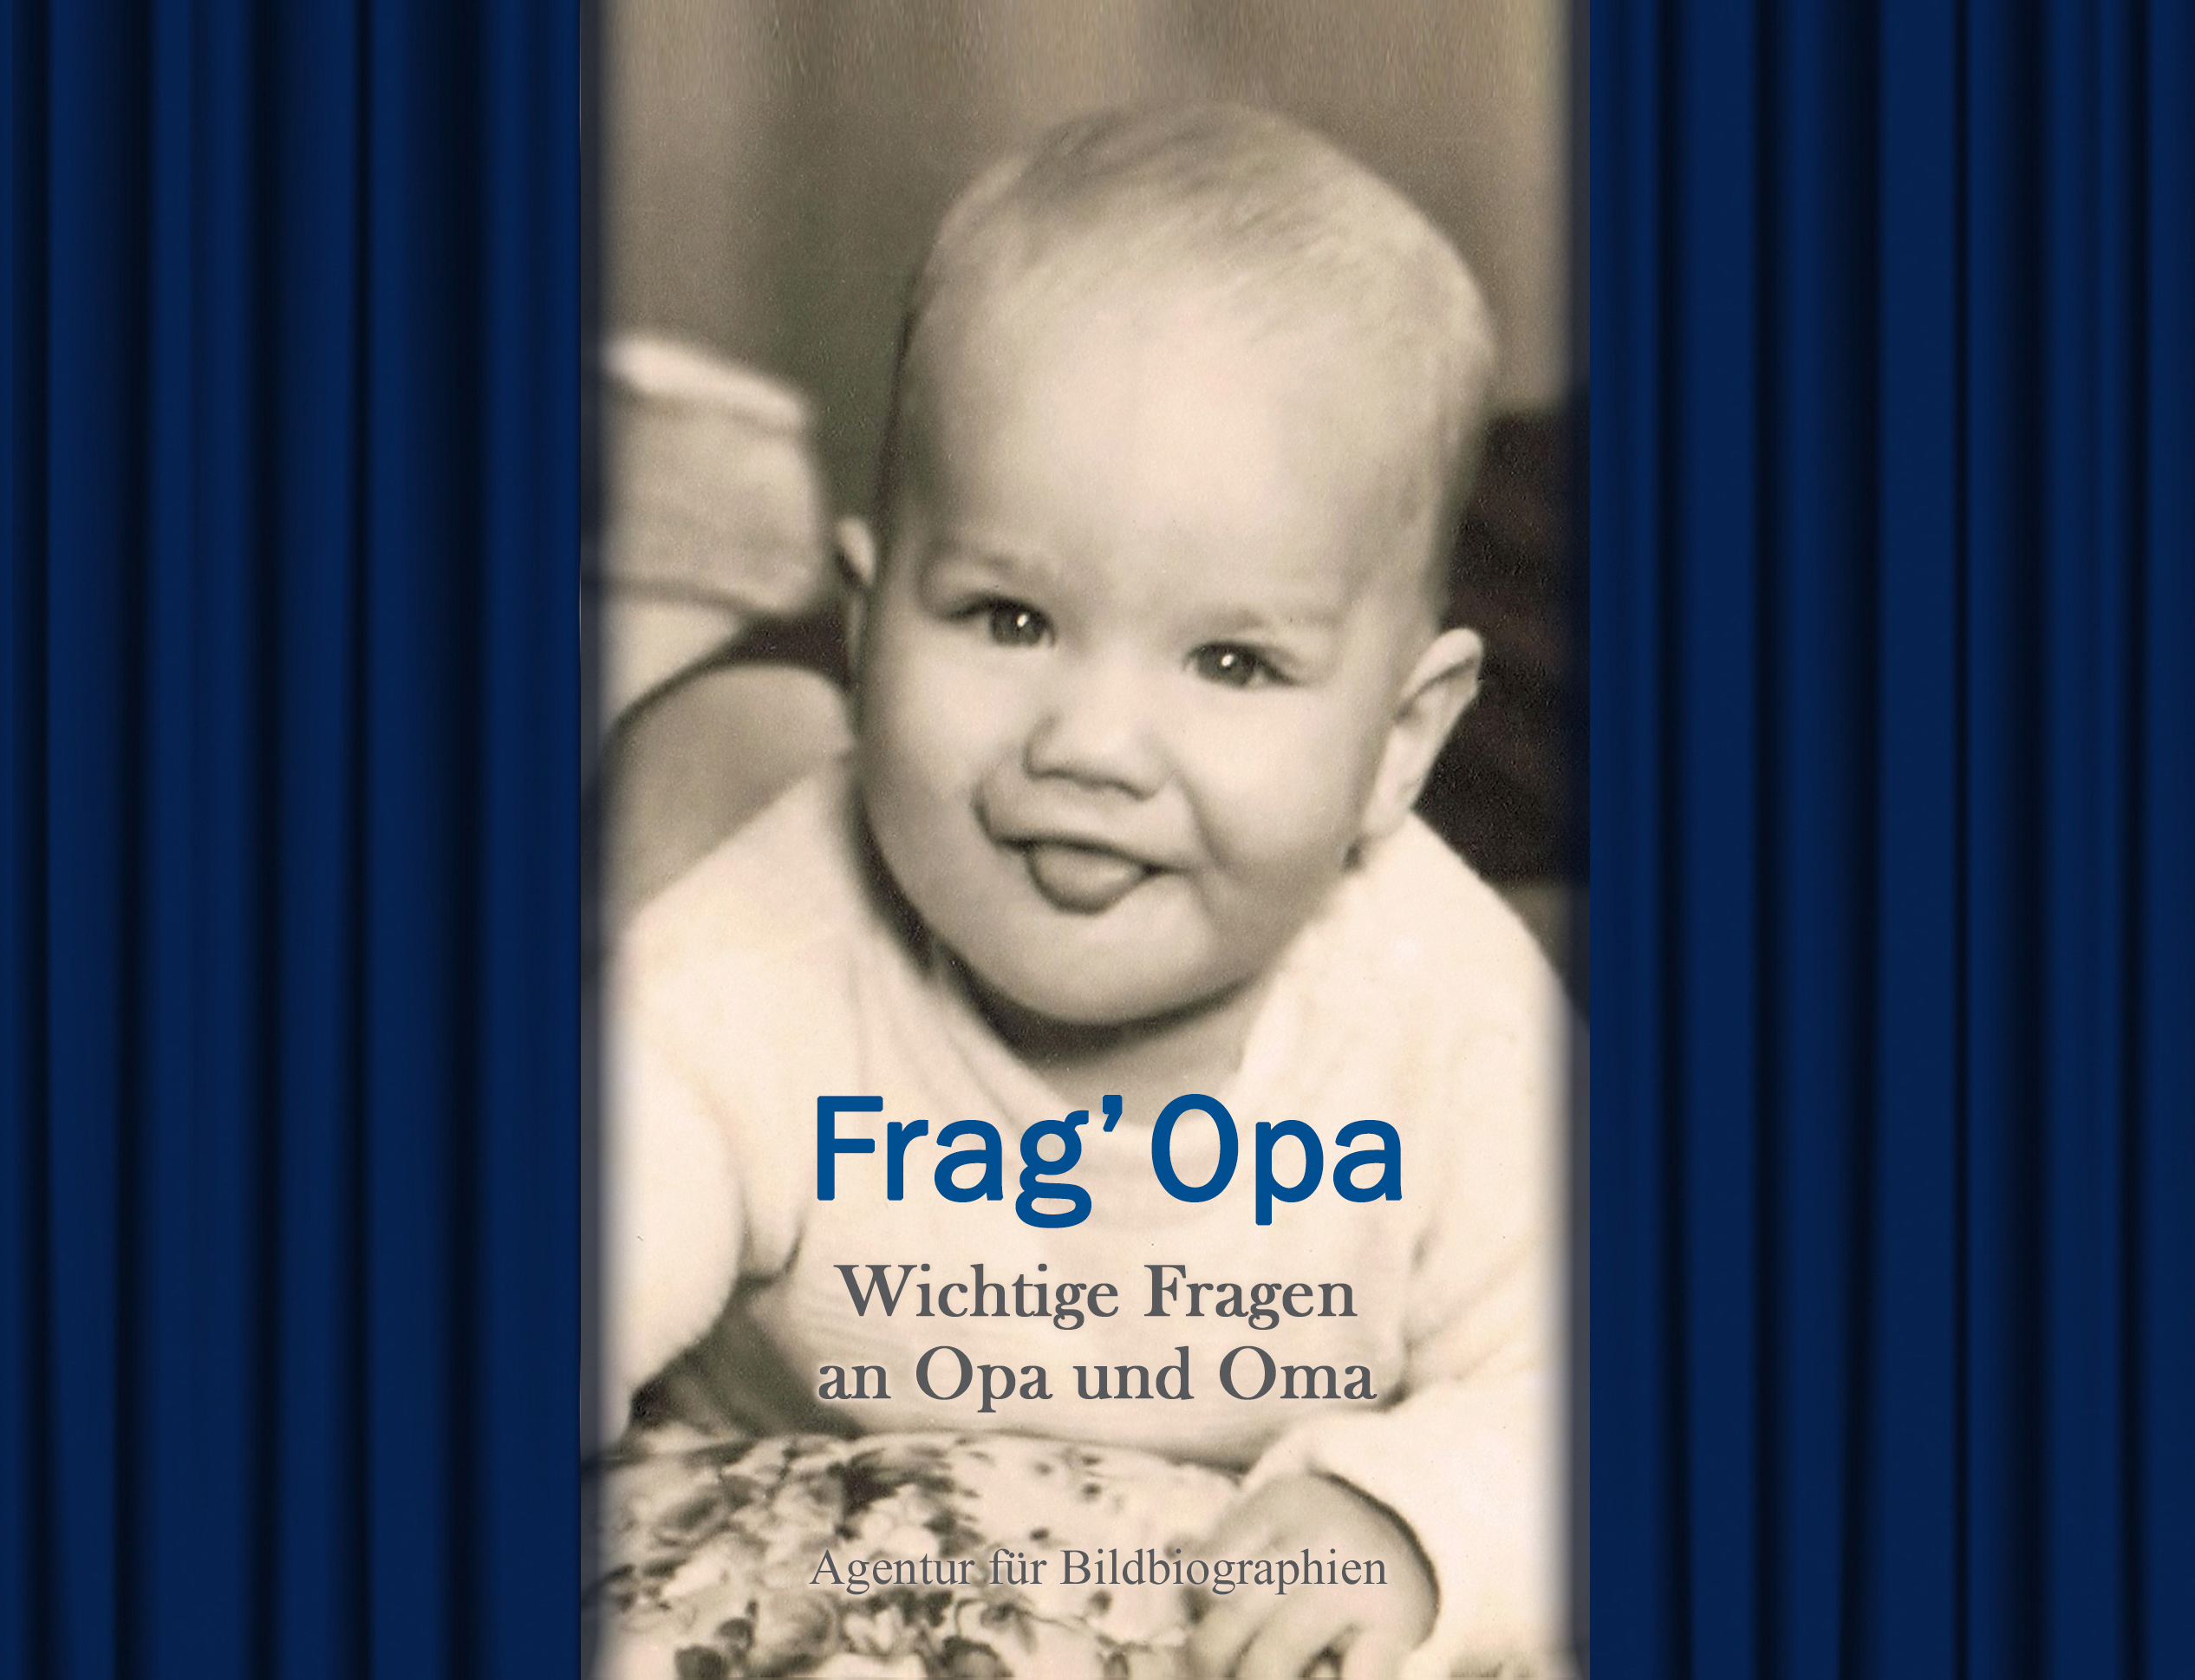 Hilfe beim biografischen Schreiben Frag Opa